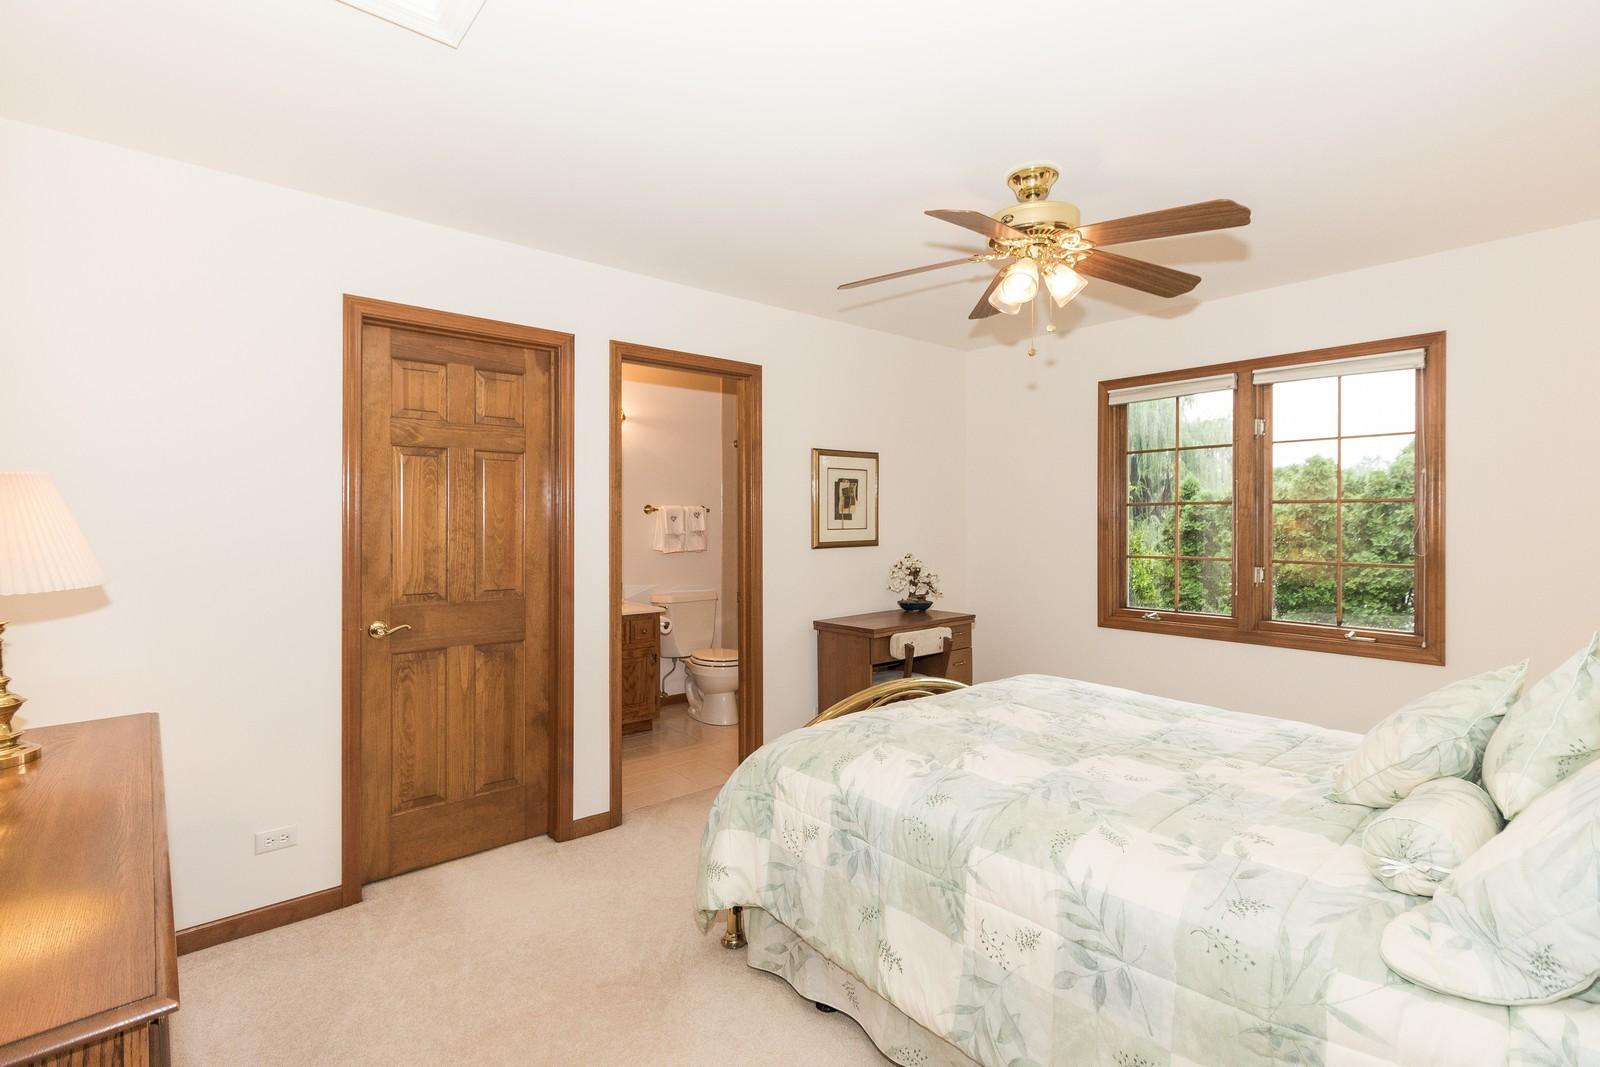 Additional photo for property listing at 2163 Canterbury 2163 Canterbury Lane Lisle, Illinois 60532 United States